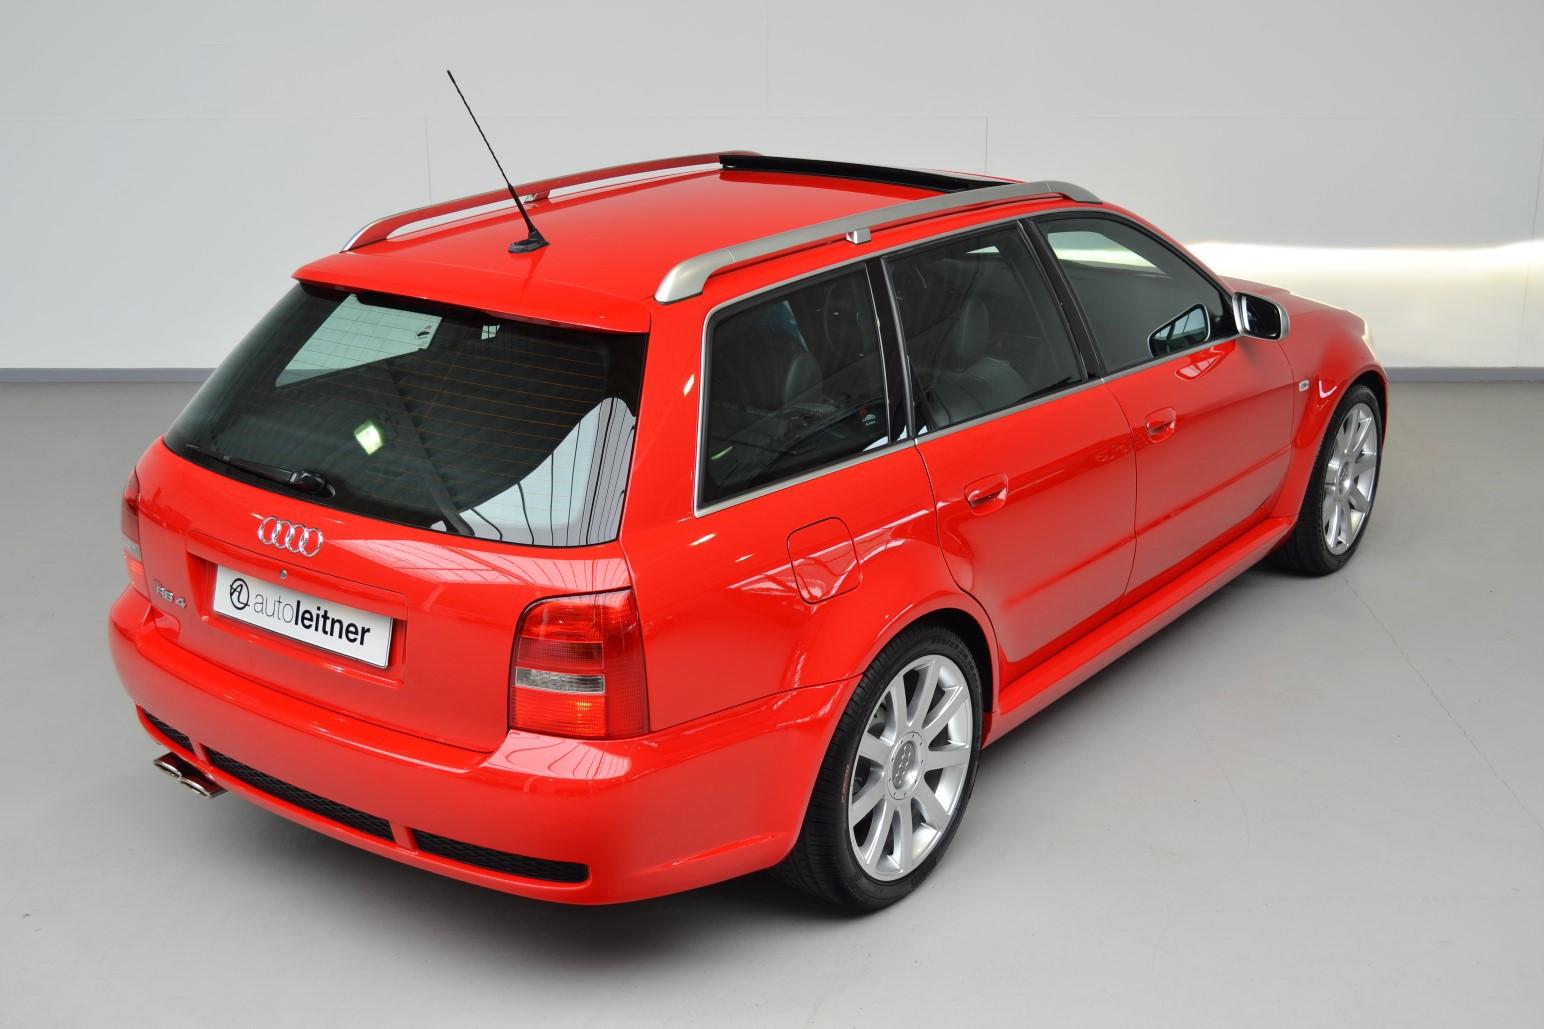 Audi-RS4-B5-Avant-autonovosti.me-17